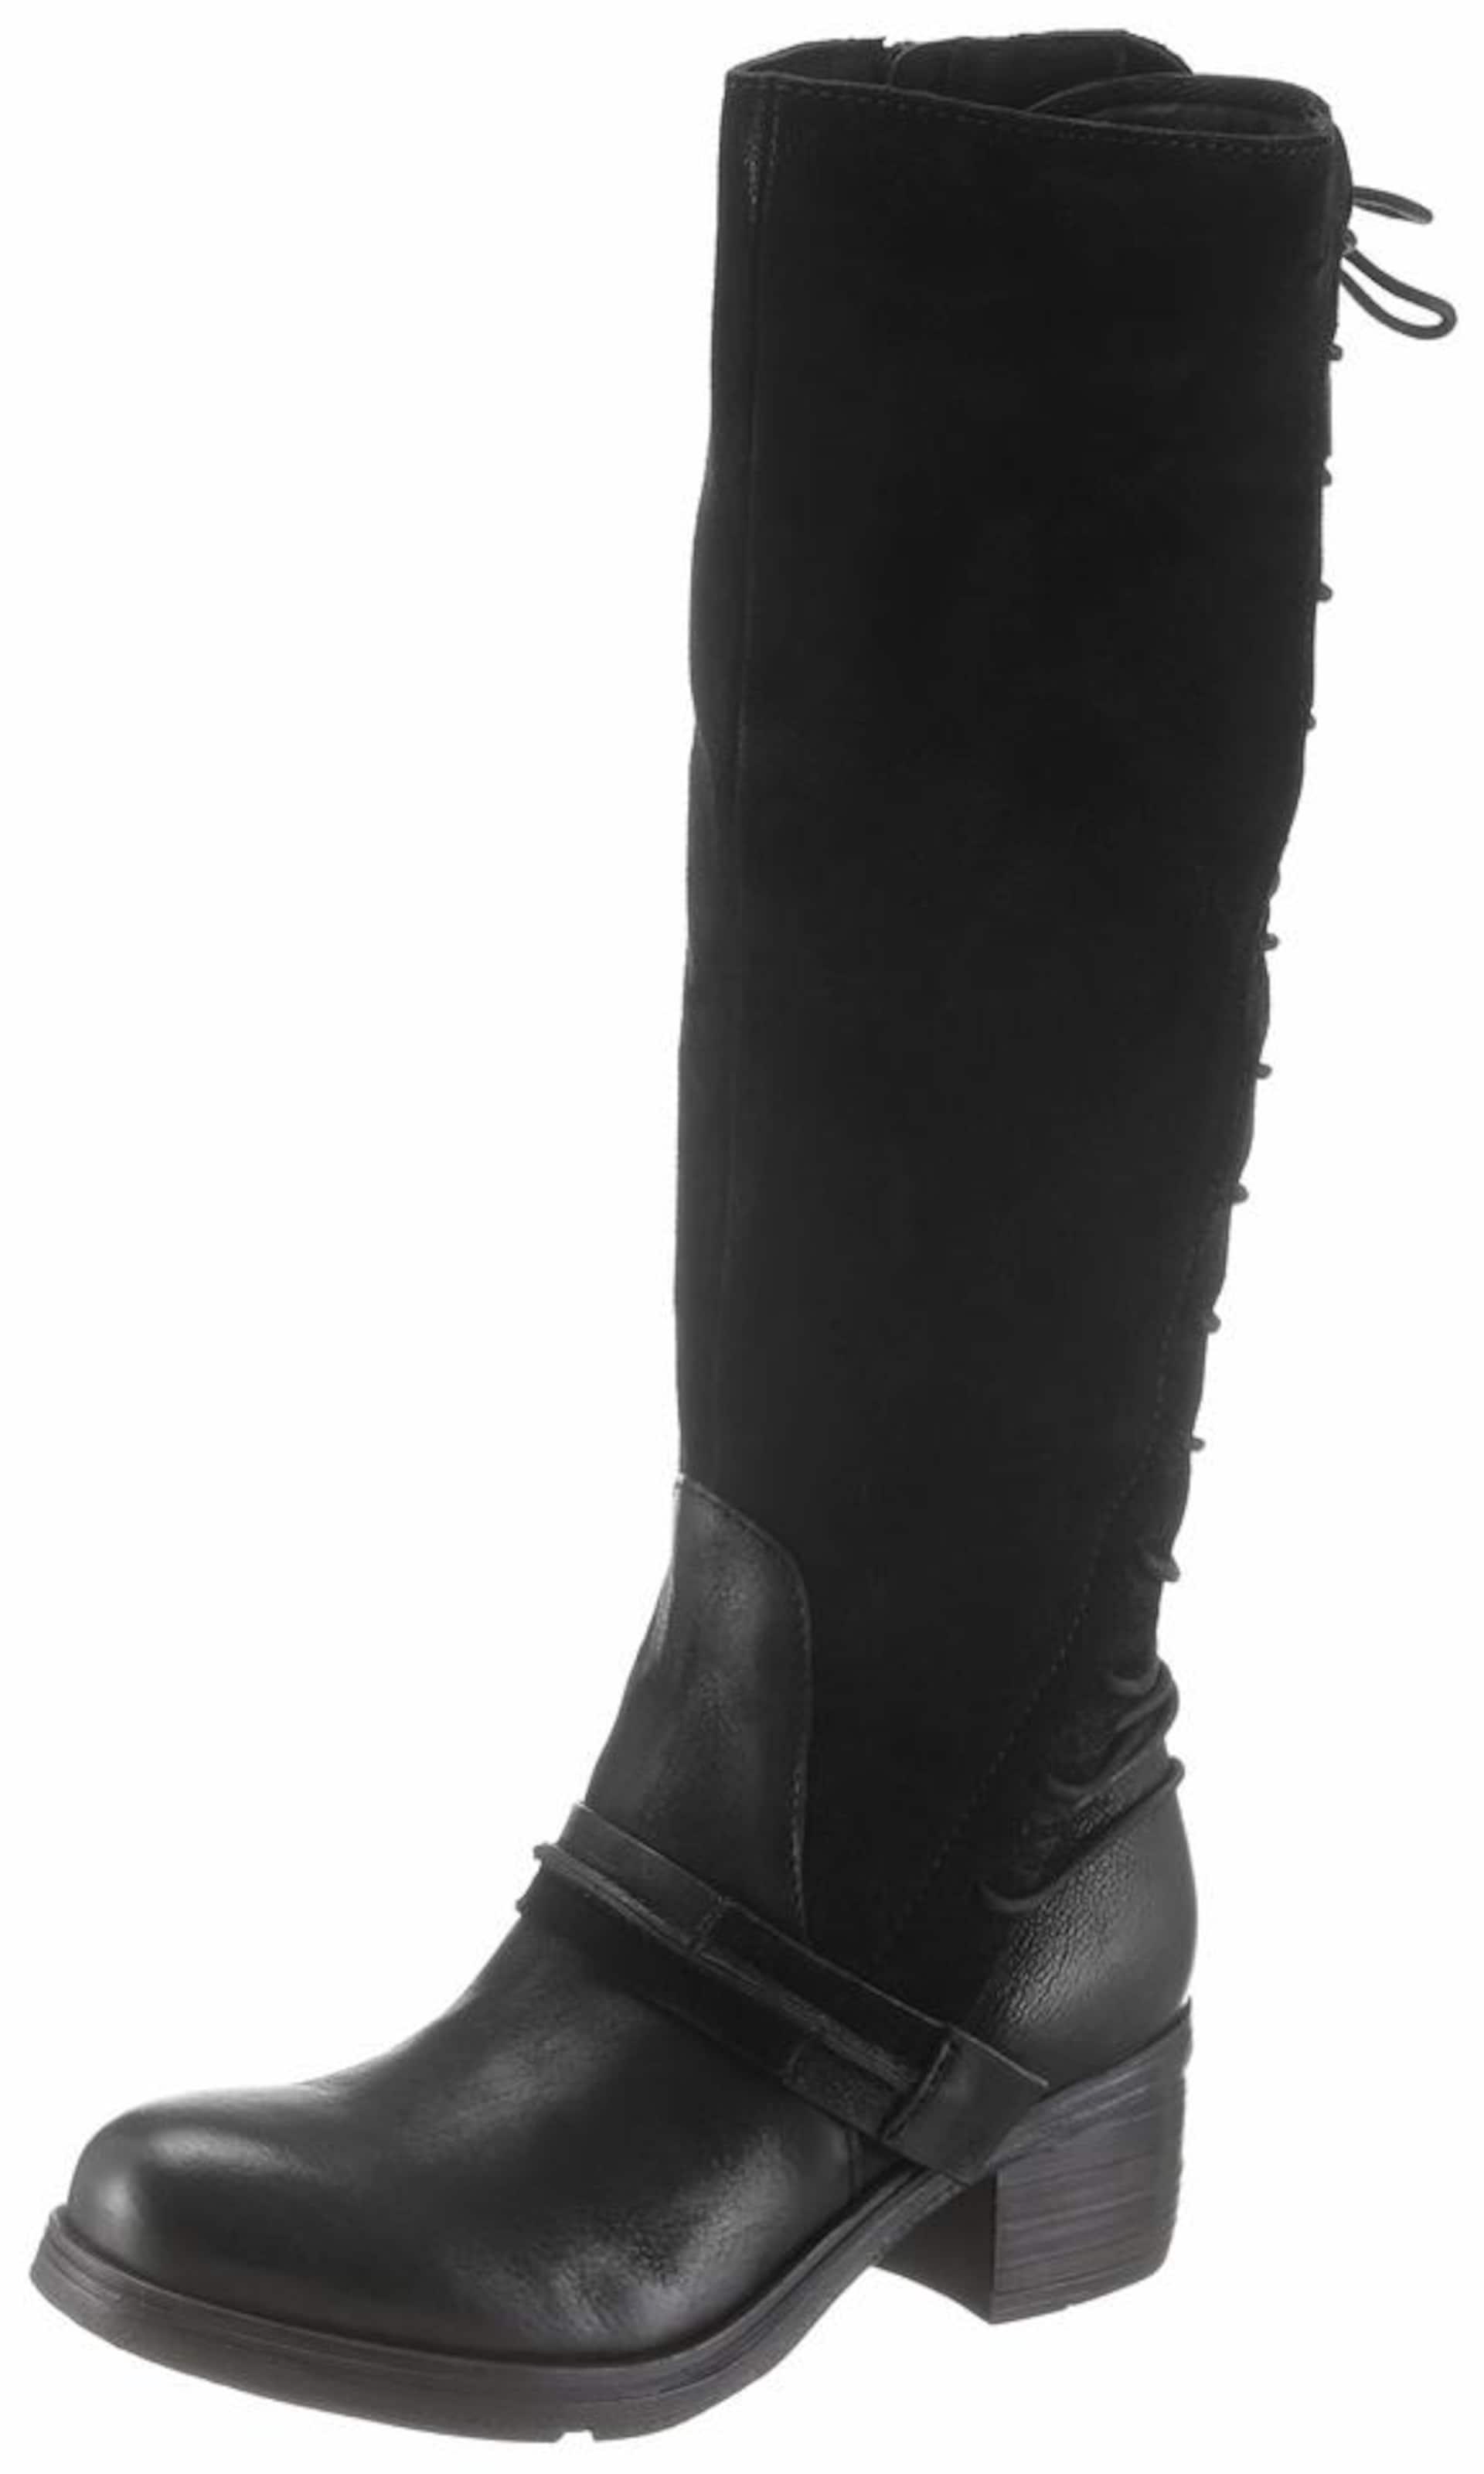 MJUS Stiefel Verschleißfeste billige Schuhe Hohe Qualität